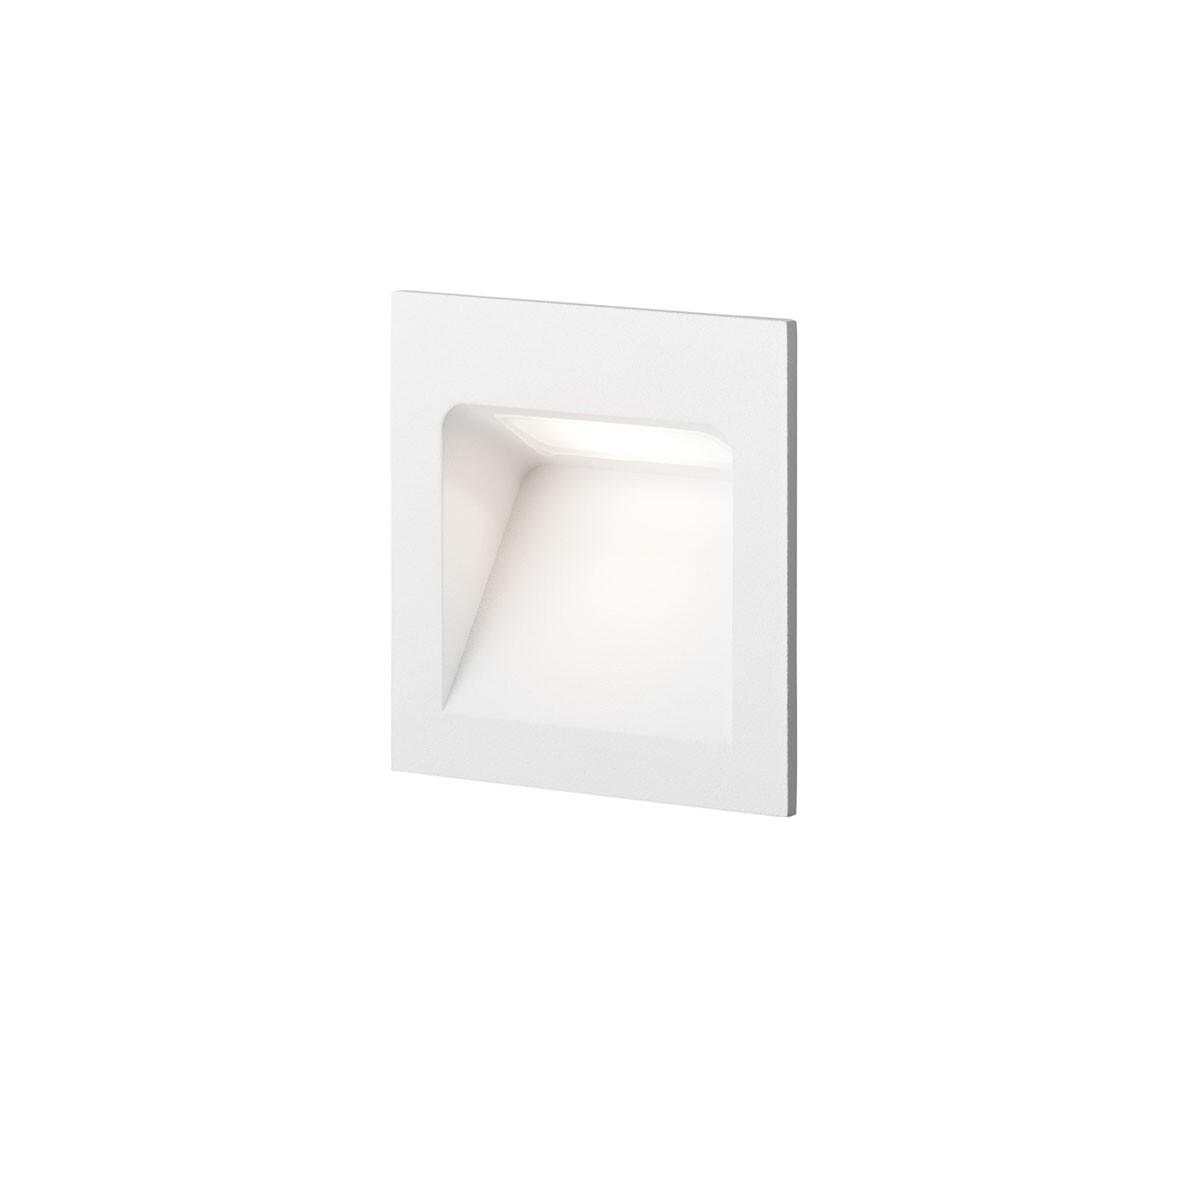 Deli 1 LED 3000K Væglampe Hvid – LIGHT-POINT